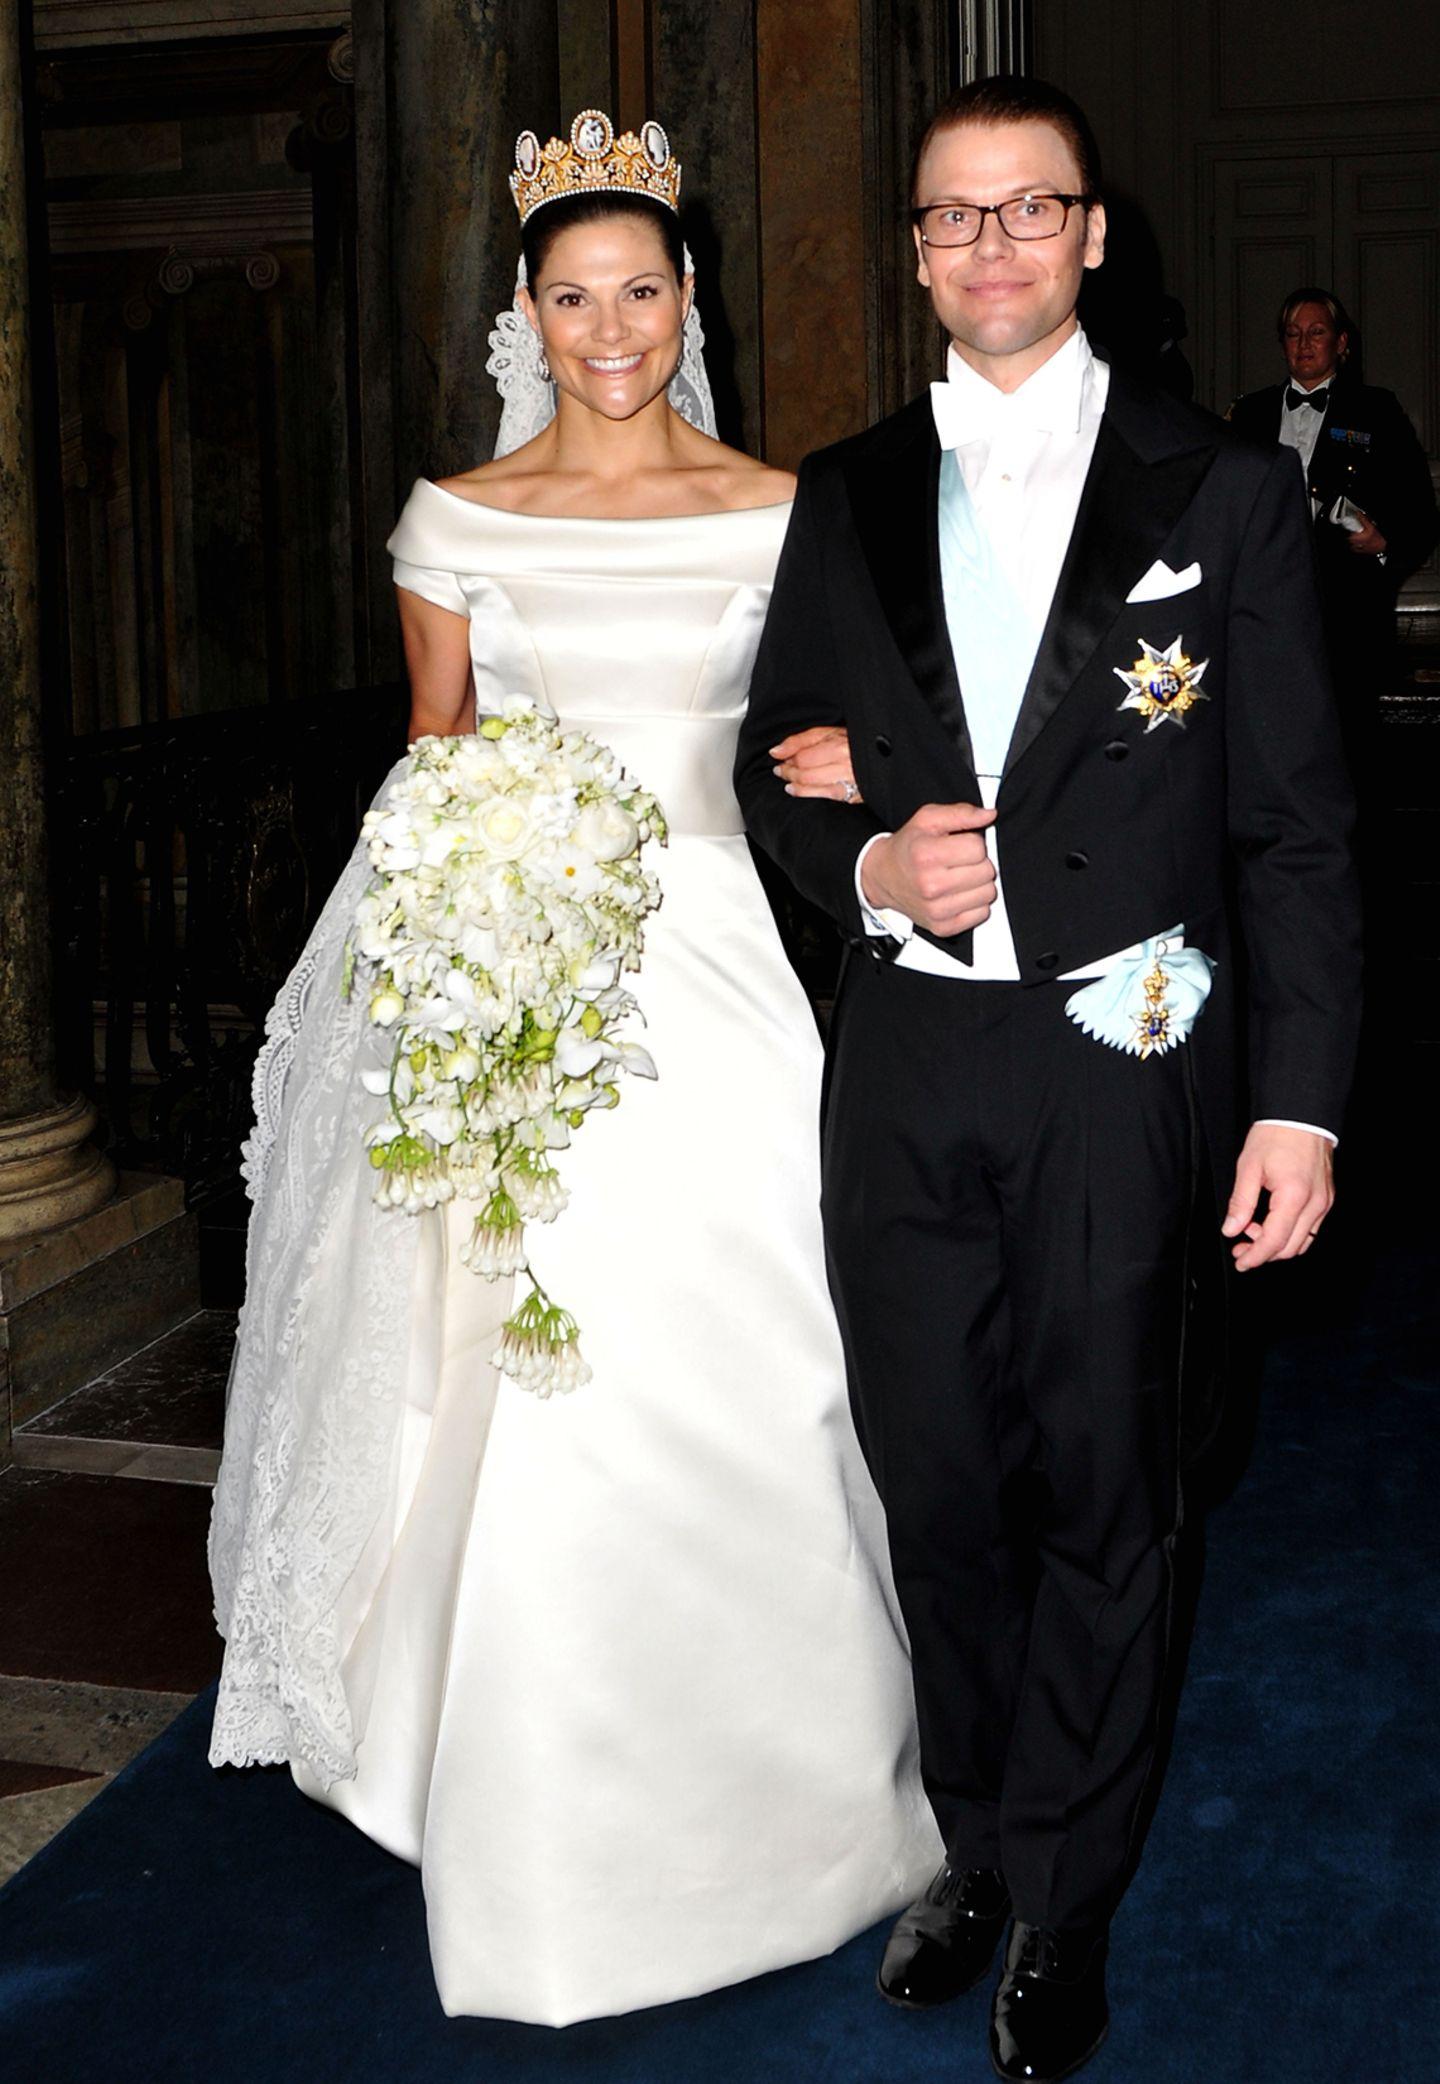 Ihre Hochzeitskleider werden ausgestellt: Victoria, Sofia und